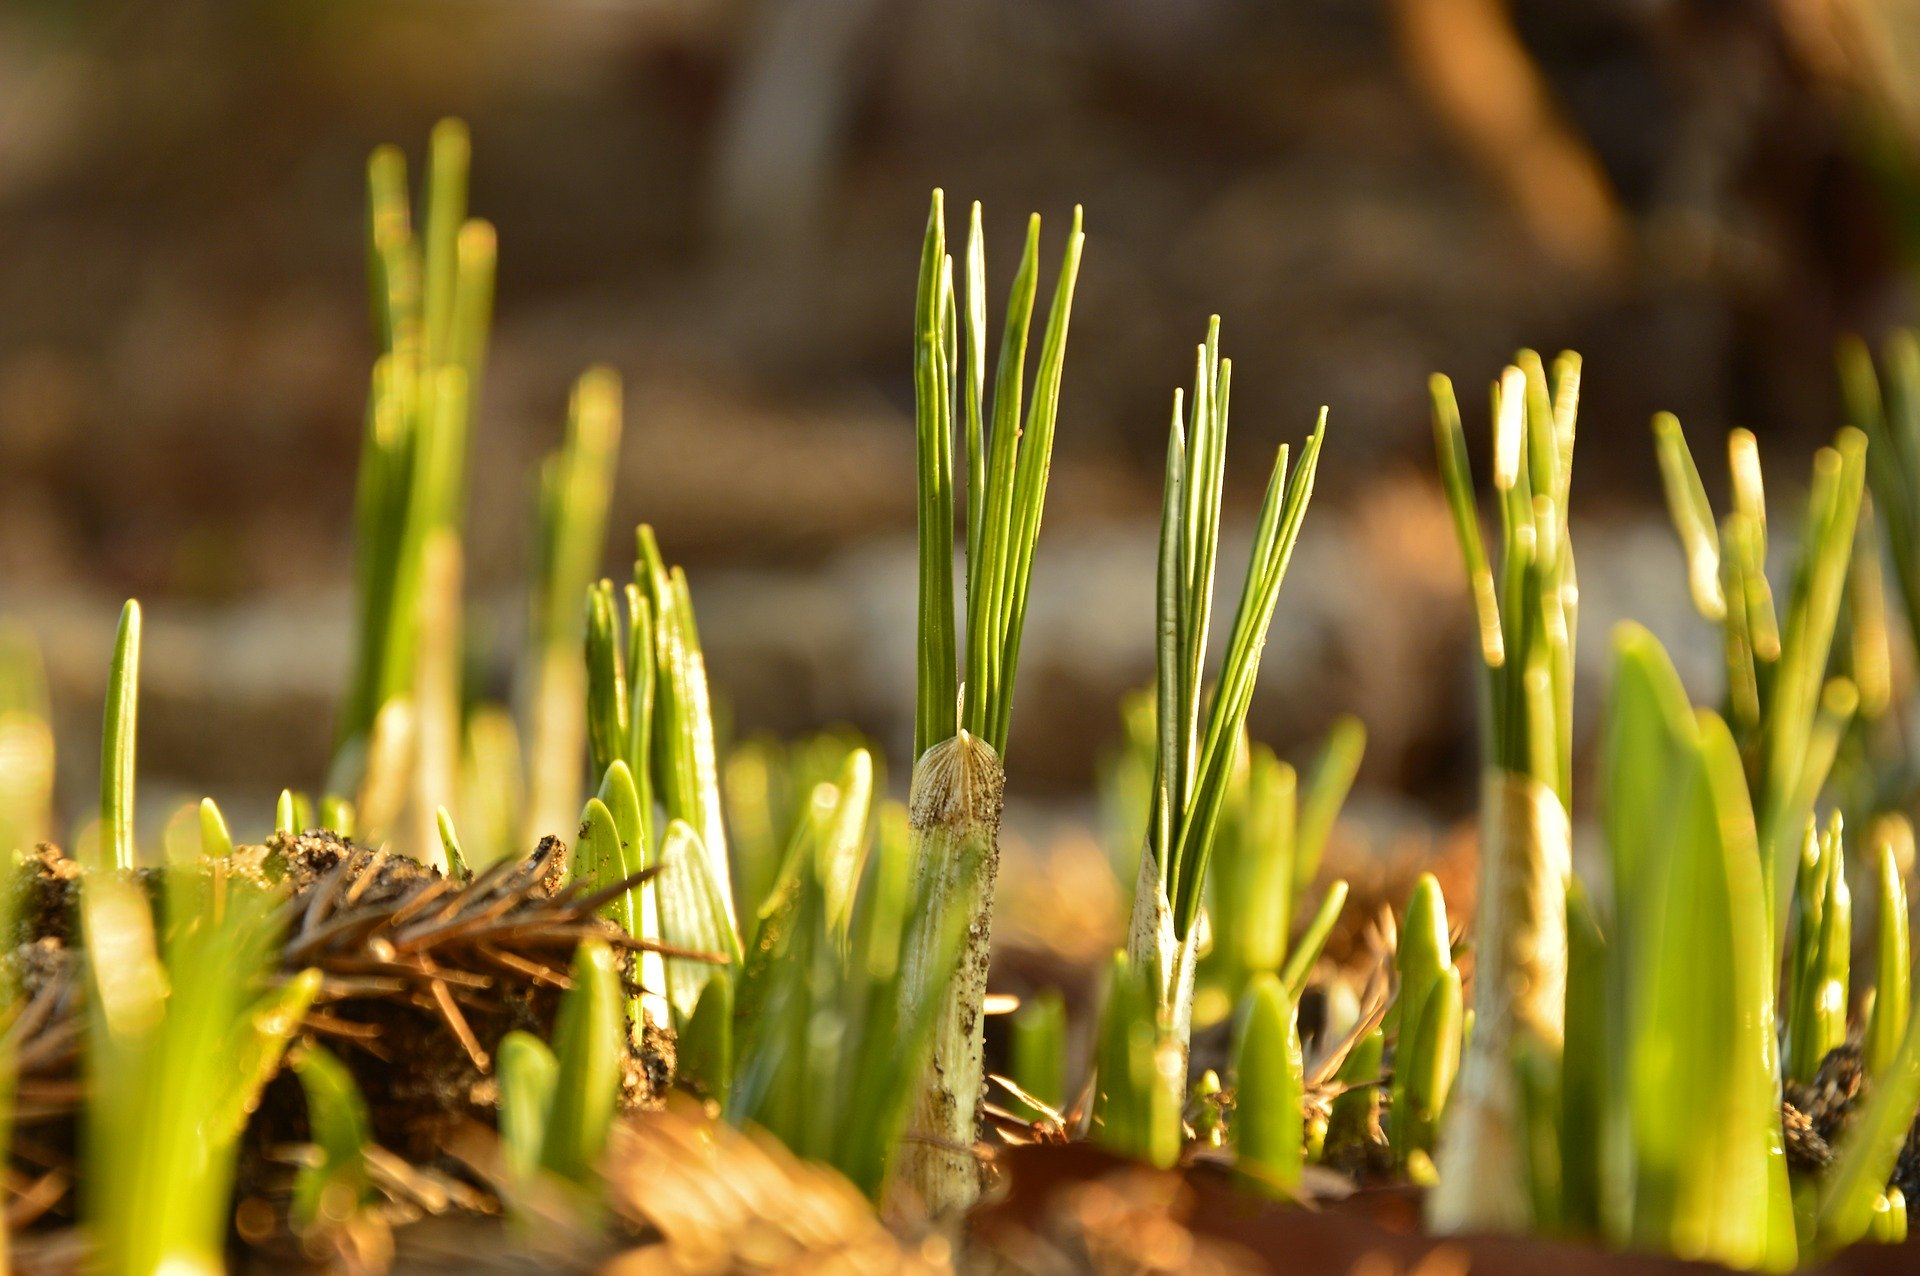 Narcis bloembollen